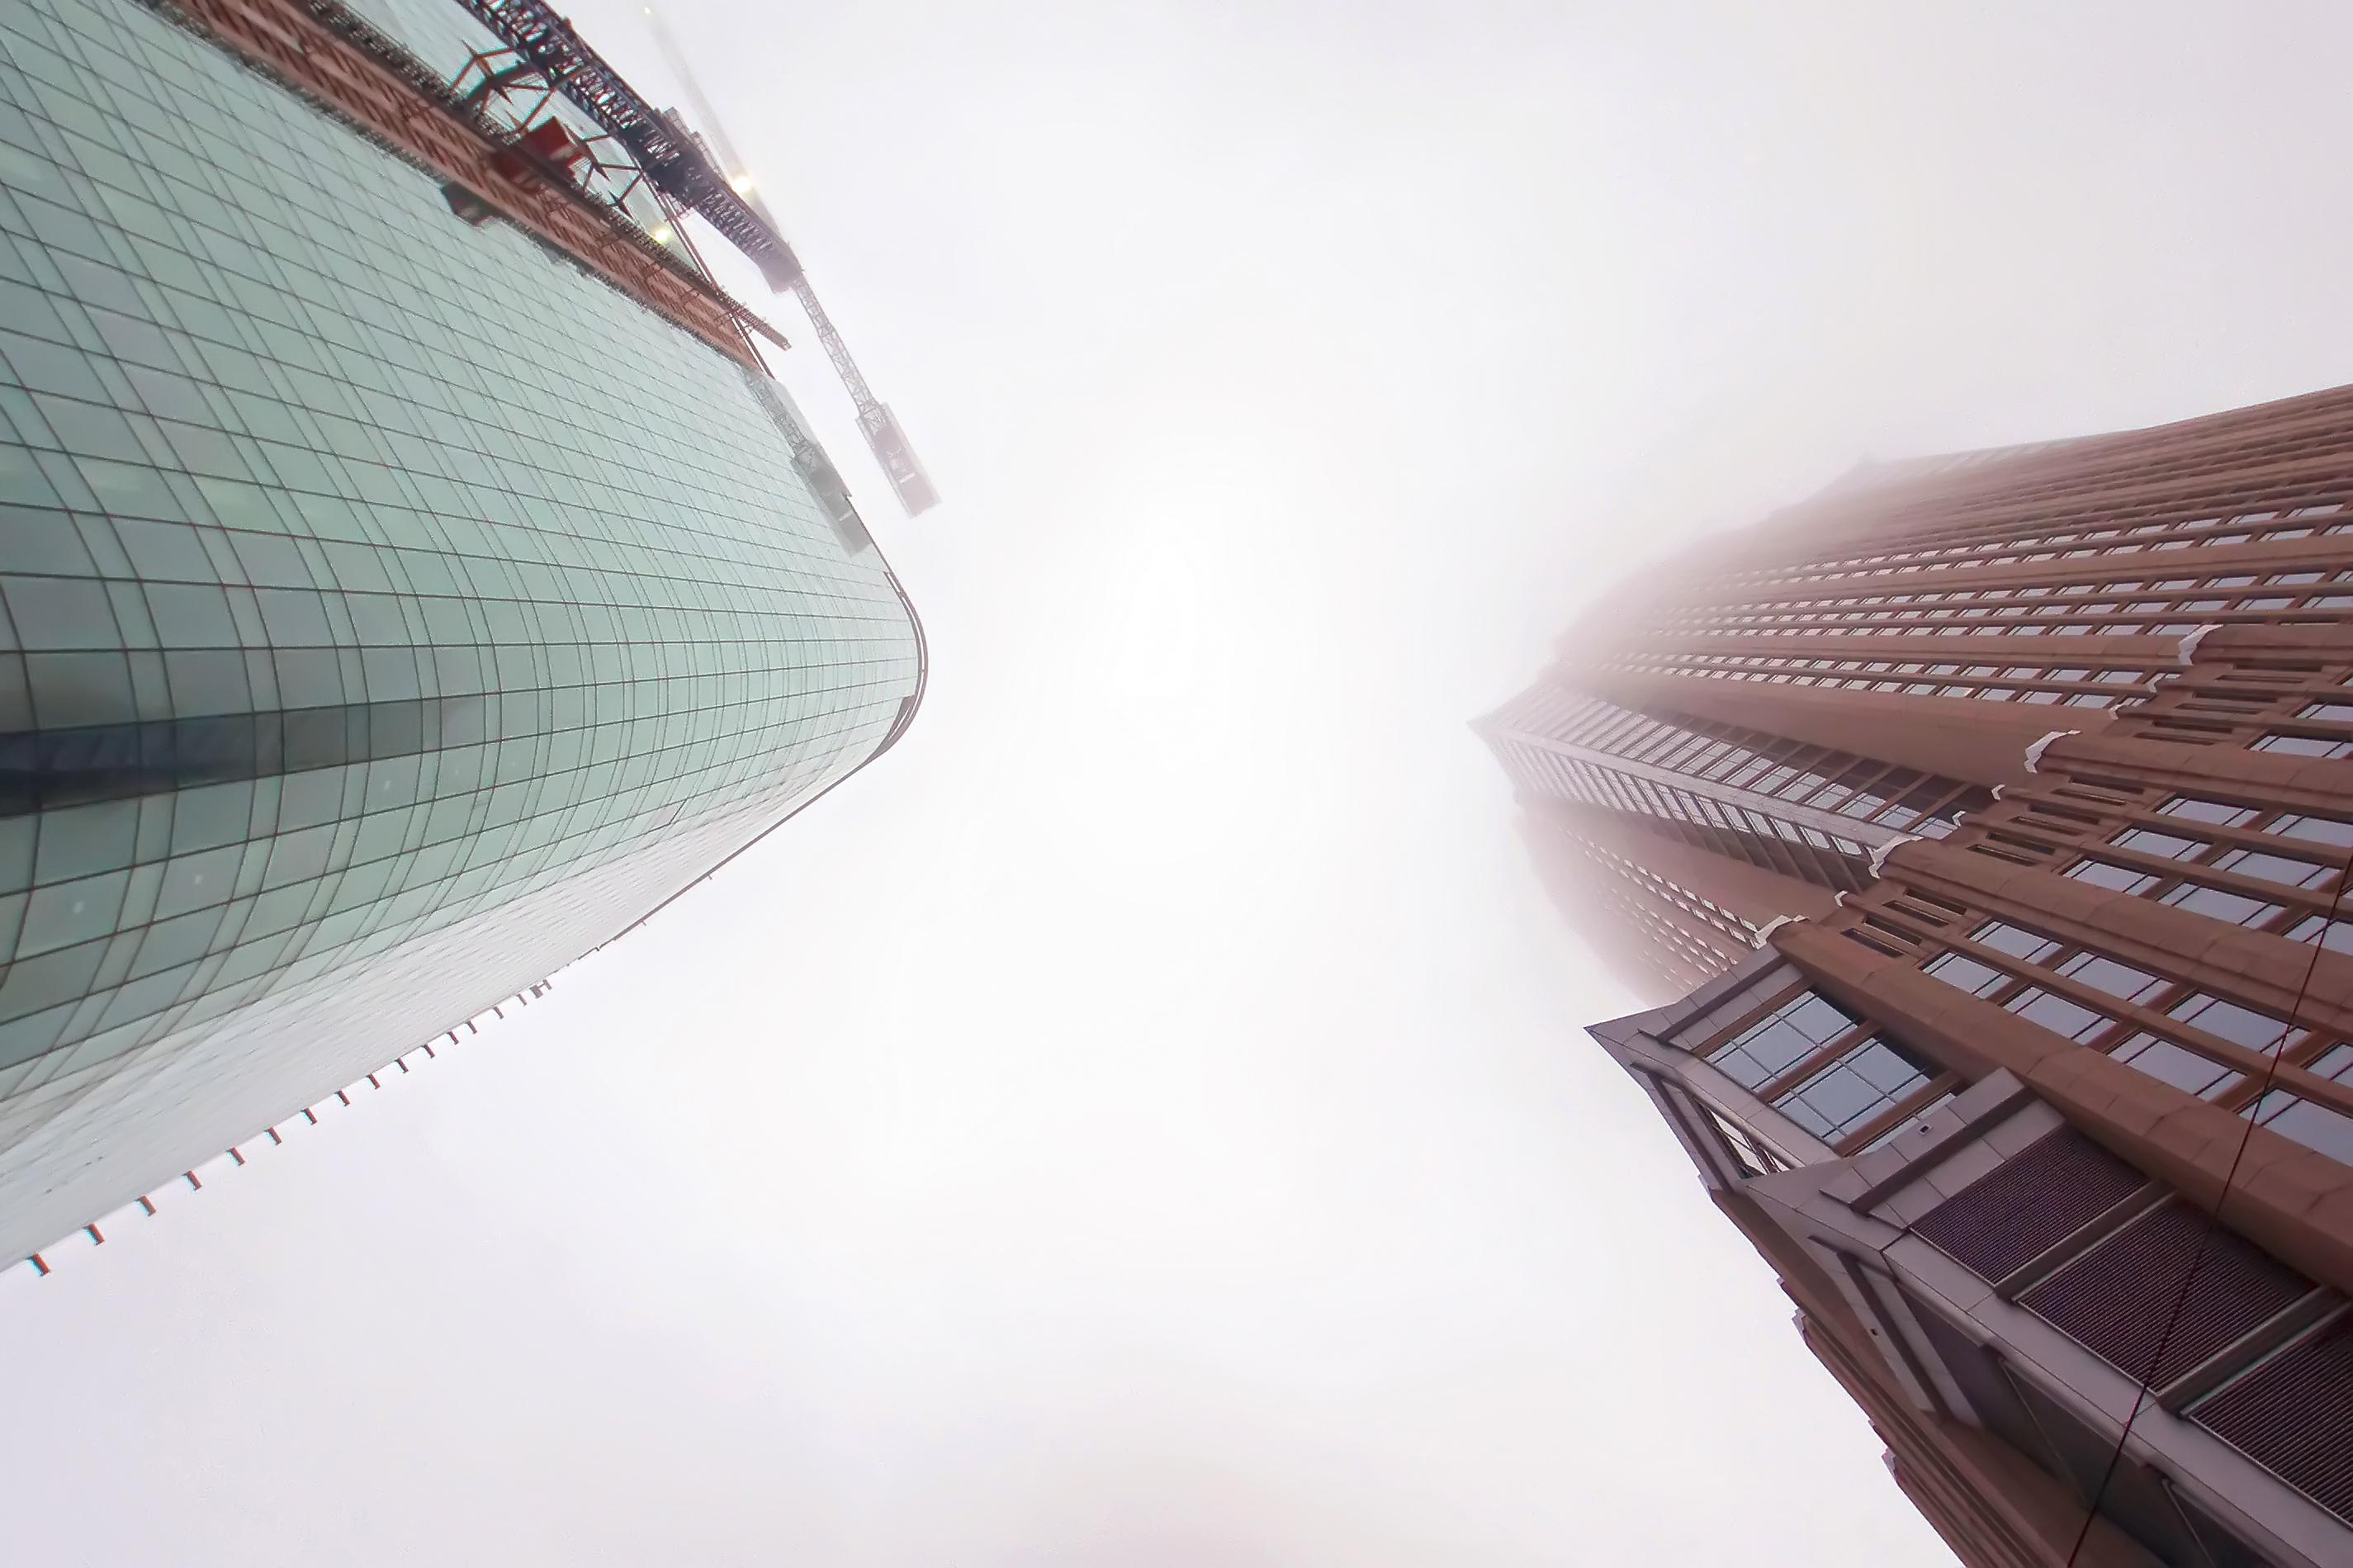 Tall skyscrapers, Apartment, Major, Structure, Skyscraper, HQ Photo